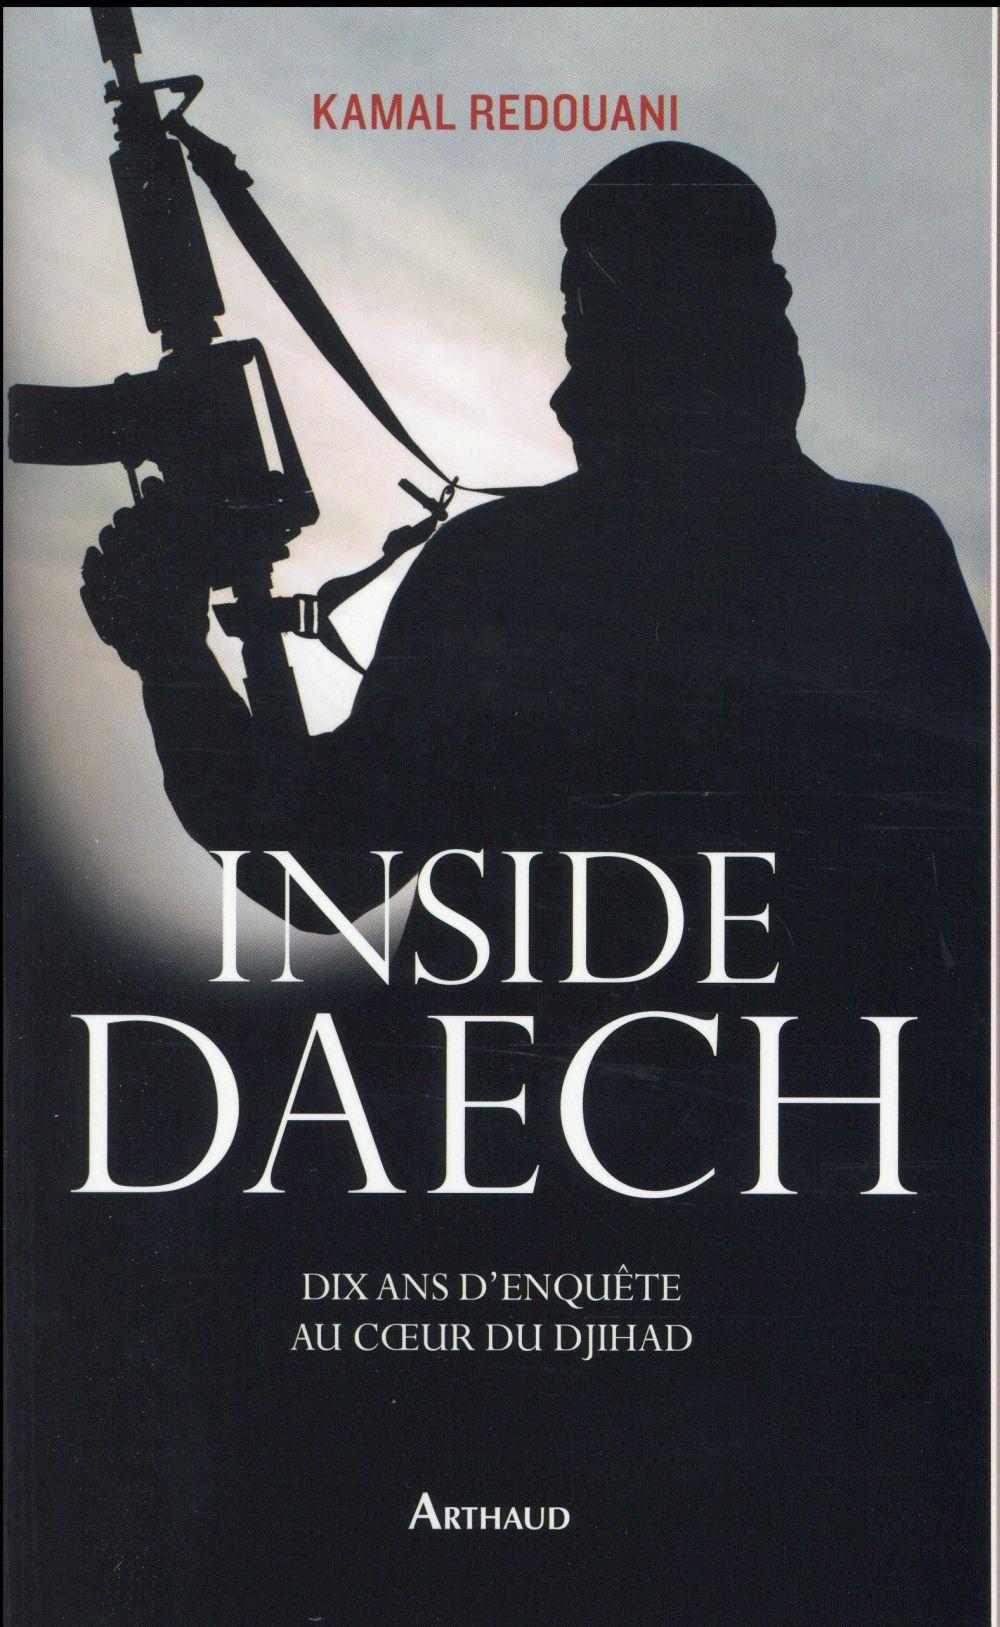 Inside Daech ; dix ans d'enquête au coeur du djihad